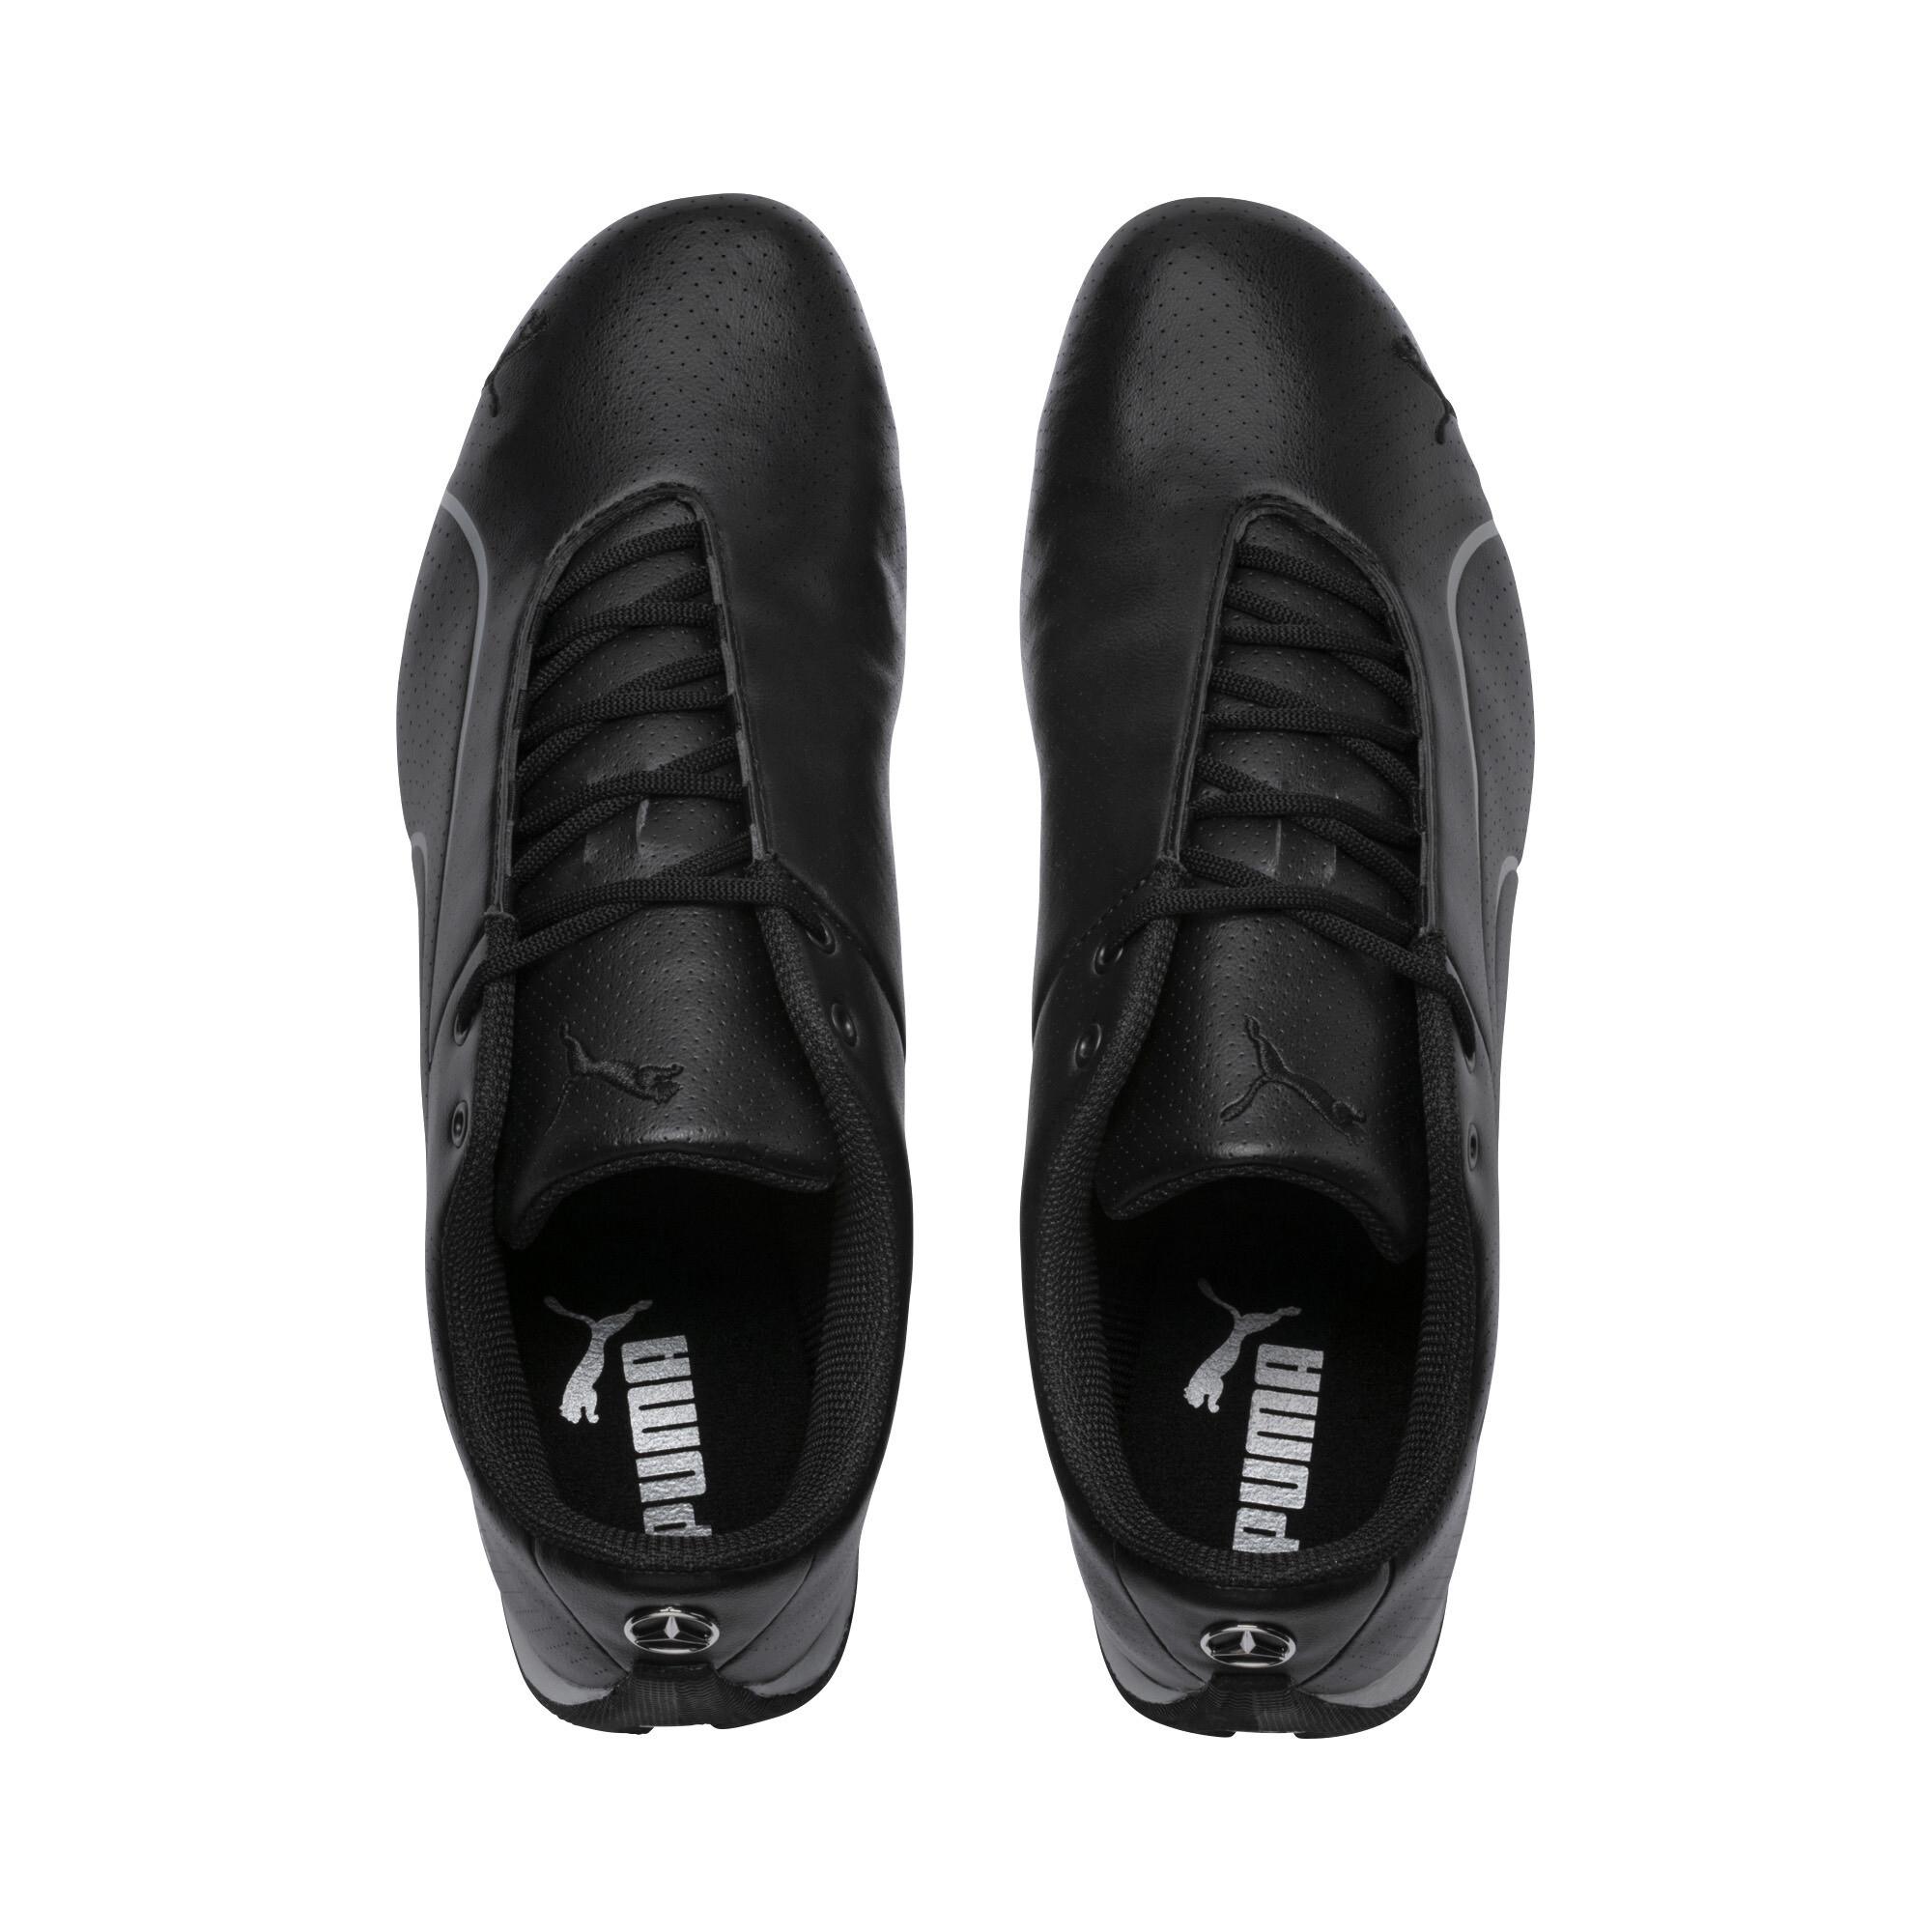 Indexbild 24 - PUMA MERCEDES AMG PETRONAS Future Cat Ultra Sneaker Unisex Schuhe Neu